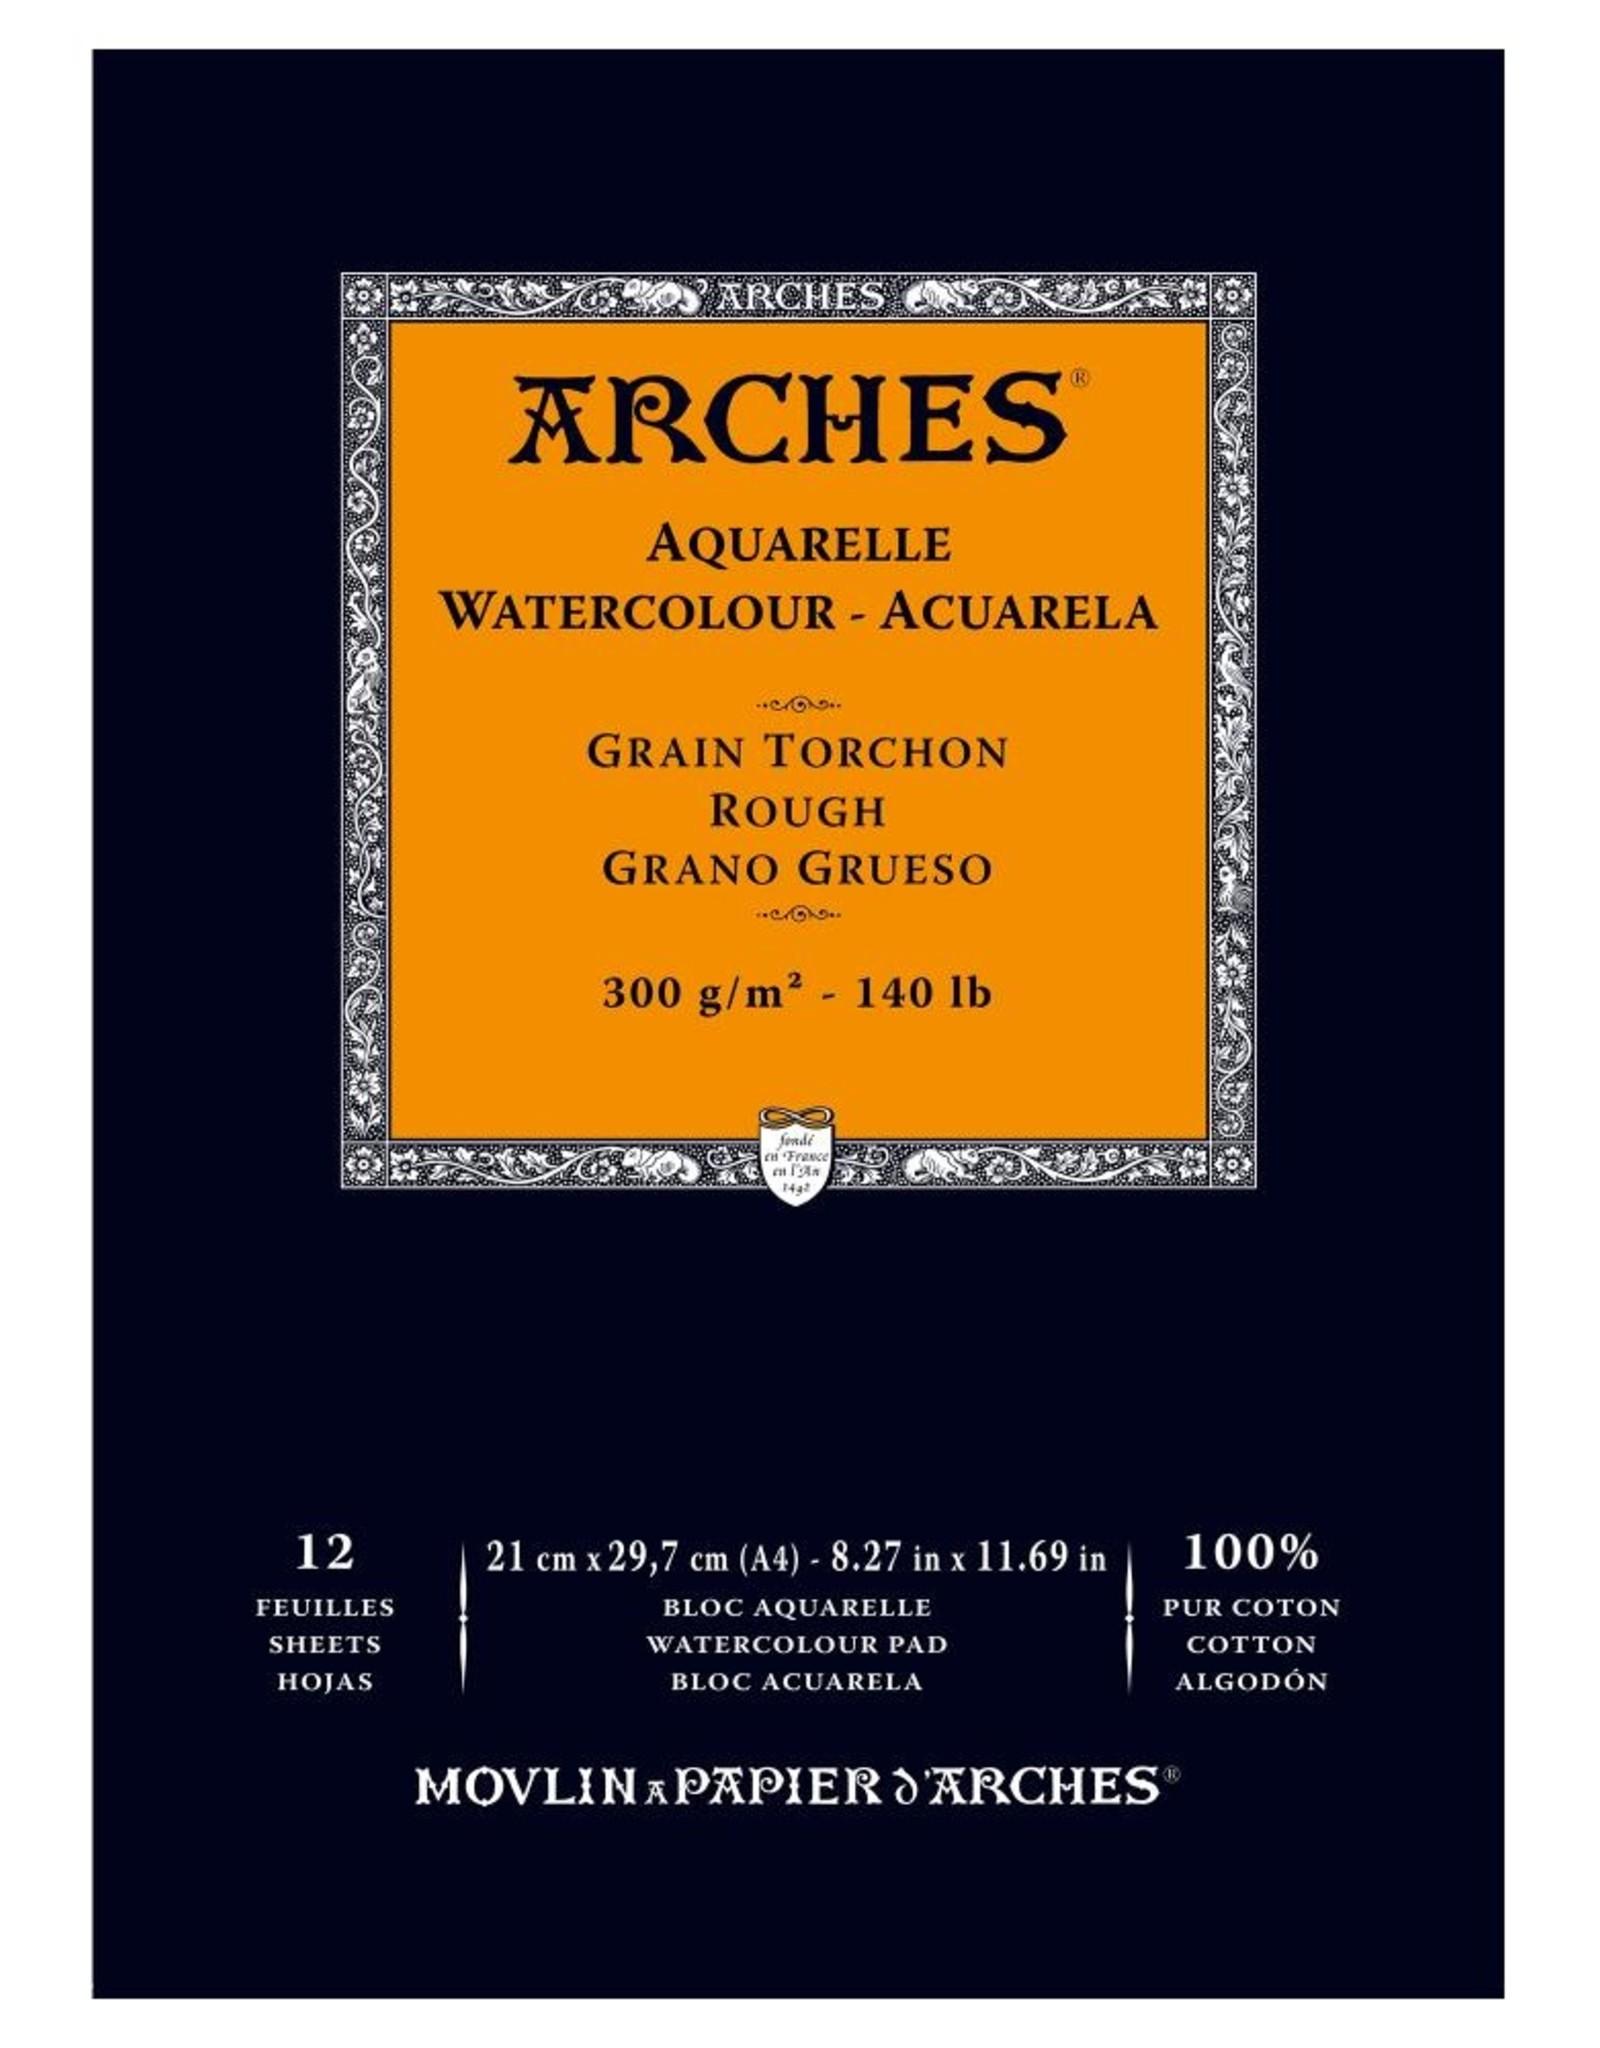 Arches Arches staat voor topklasse aquarelpapier in drie soorten korrel: Niet - ruw, koud - middel, en heet -fijn- geperst. Alle blokken zijn in de stof gelijmd. Ze voelen voor de beginner misschien wat kartonnig aan, maar leveren de allermooiste verfvlek.